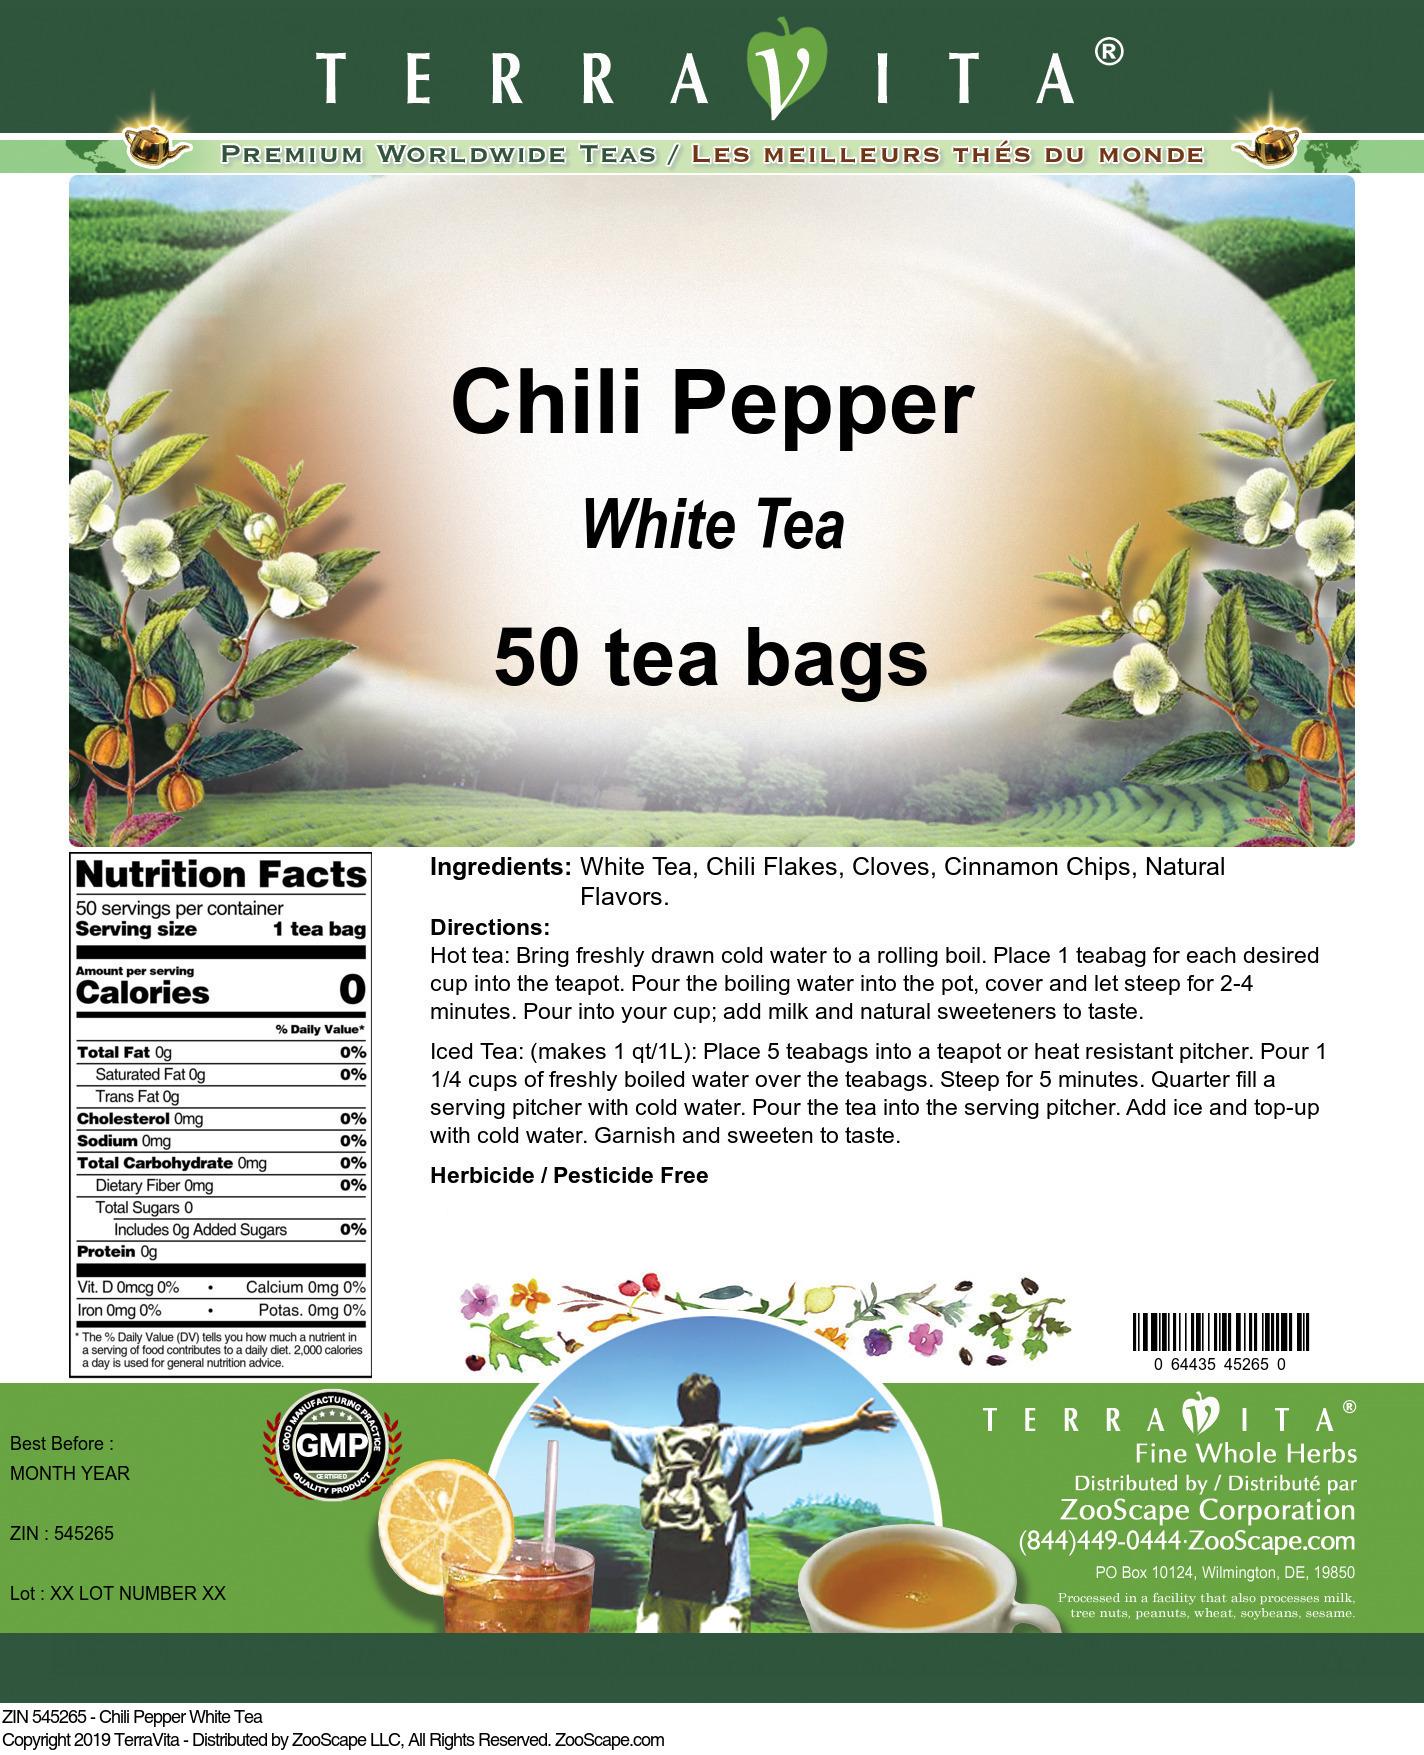 Chili Pepper White Tea